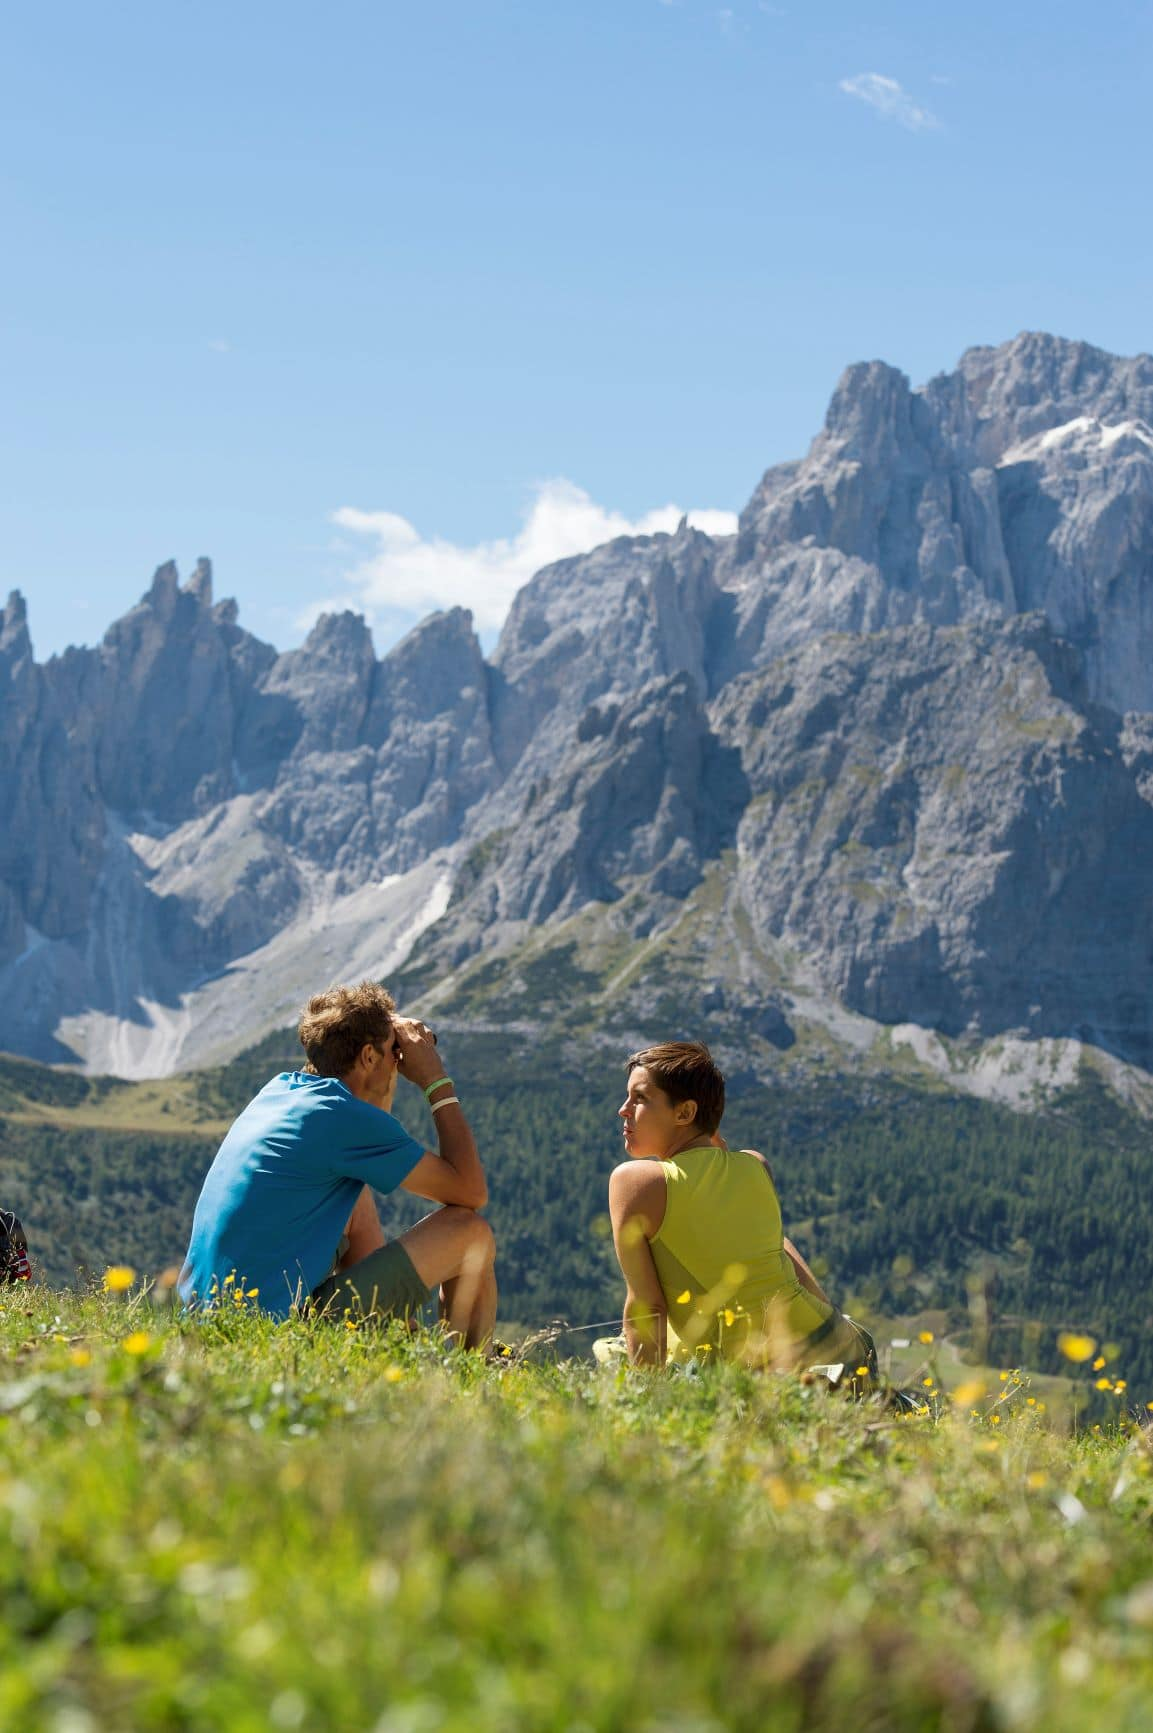 Mann und Frau auf einer Wiese in den Dolomiten